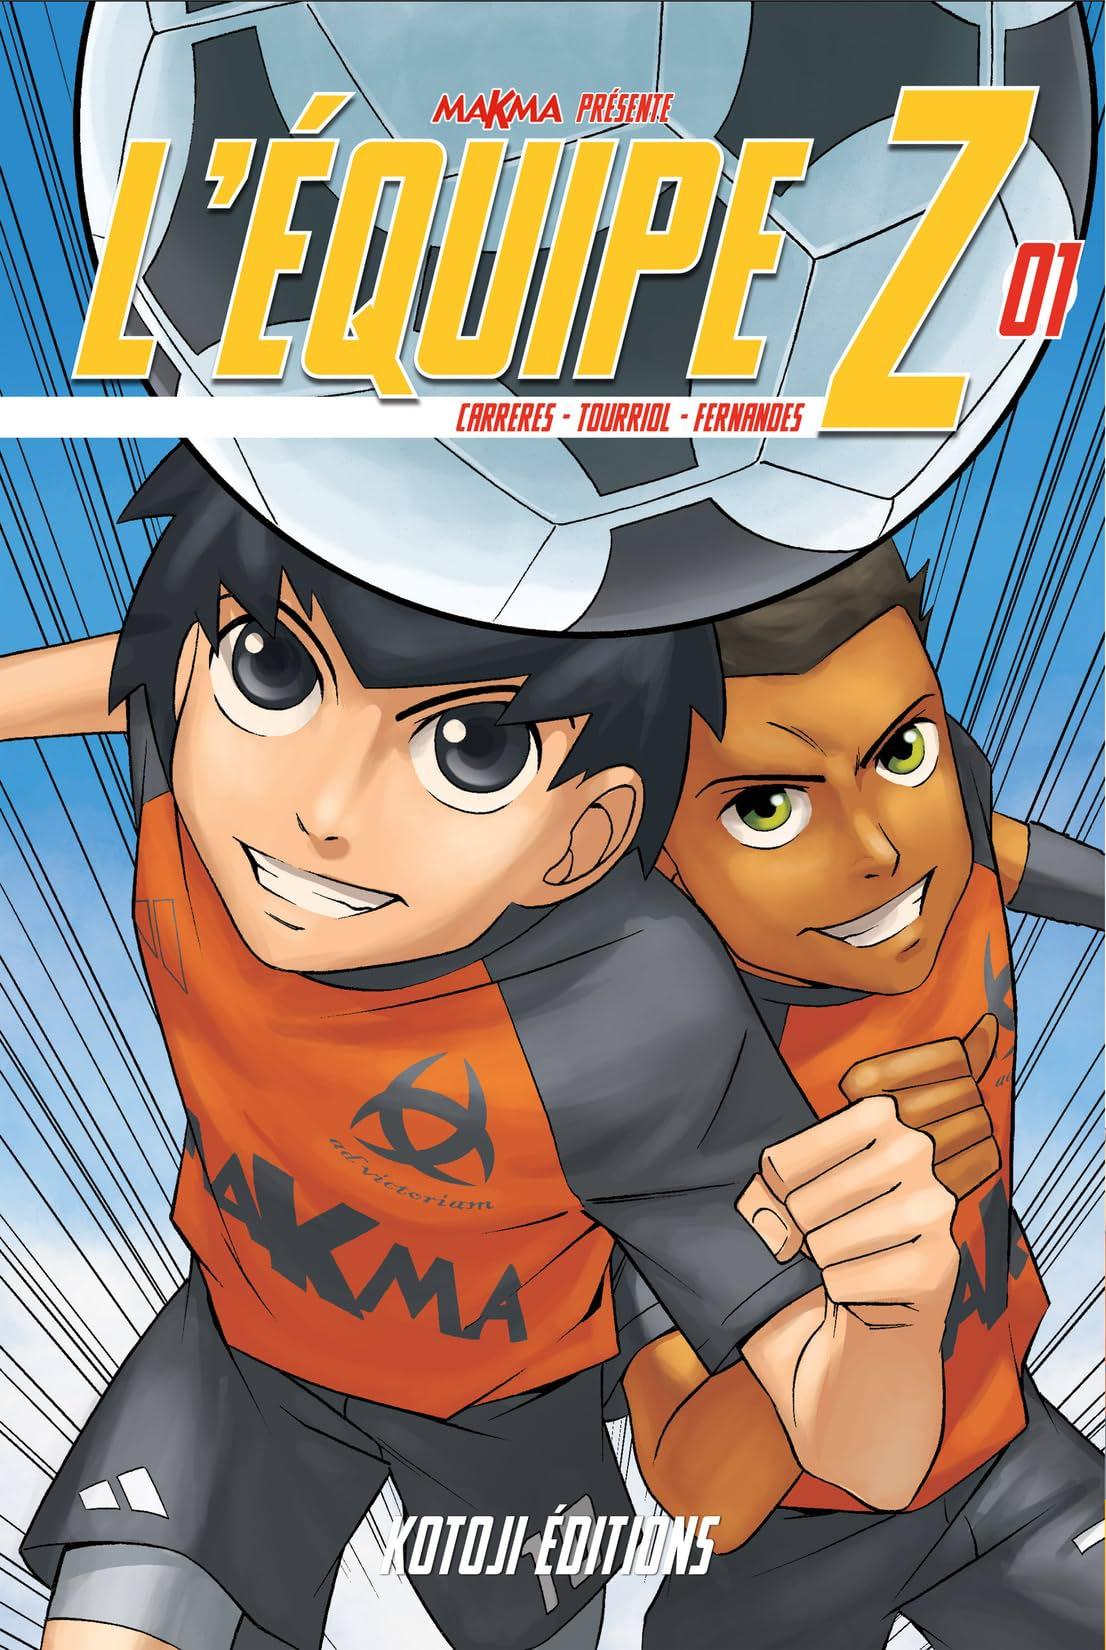 L'équipe Z Vol. 1